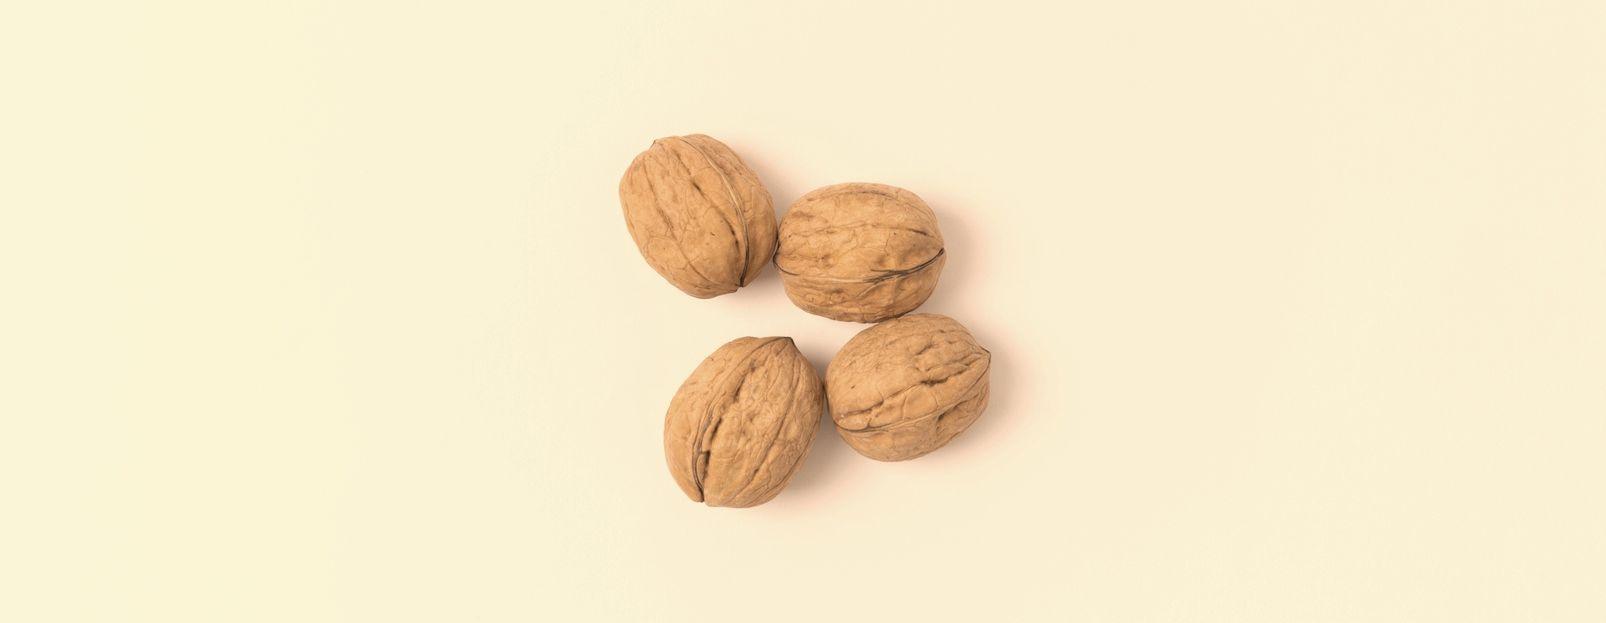 8 razones para comer nueces todos los días - Featured image